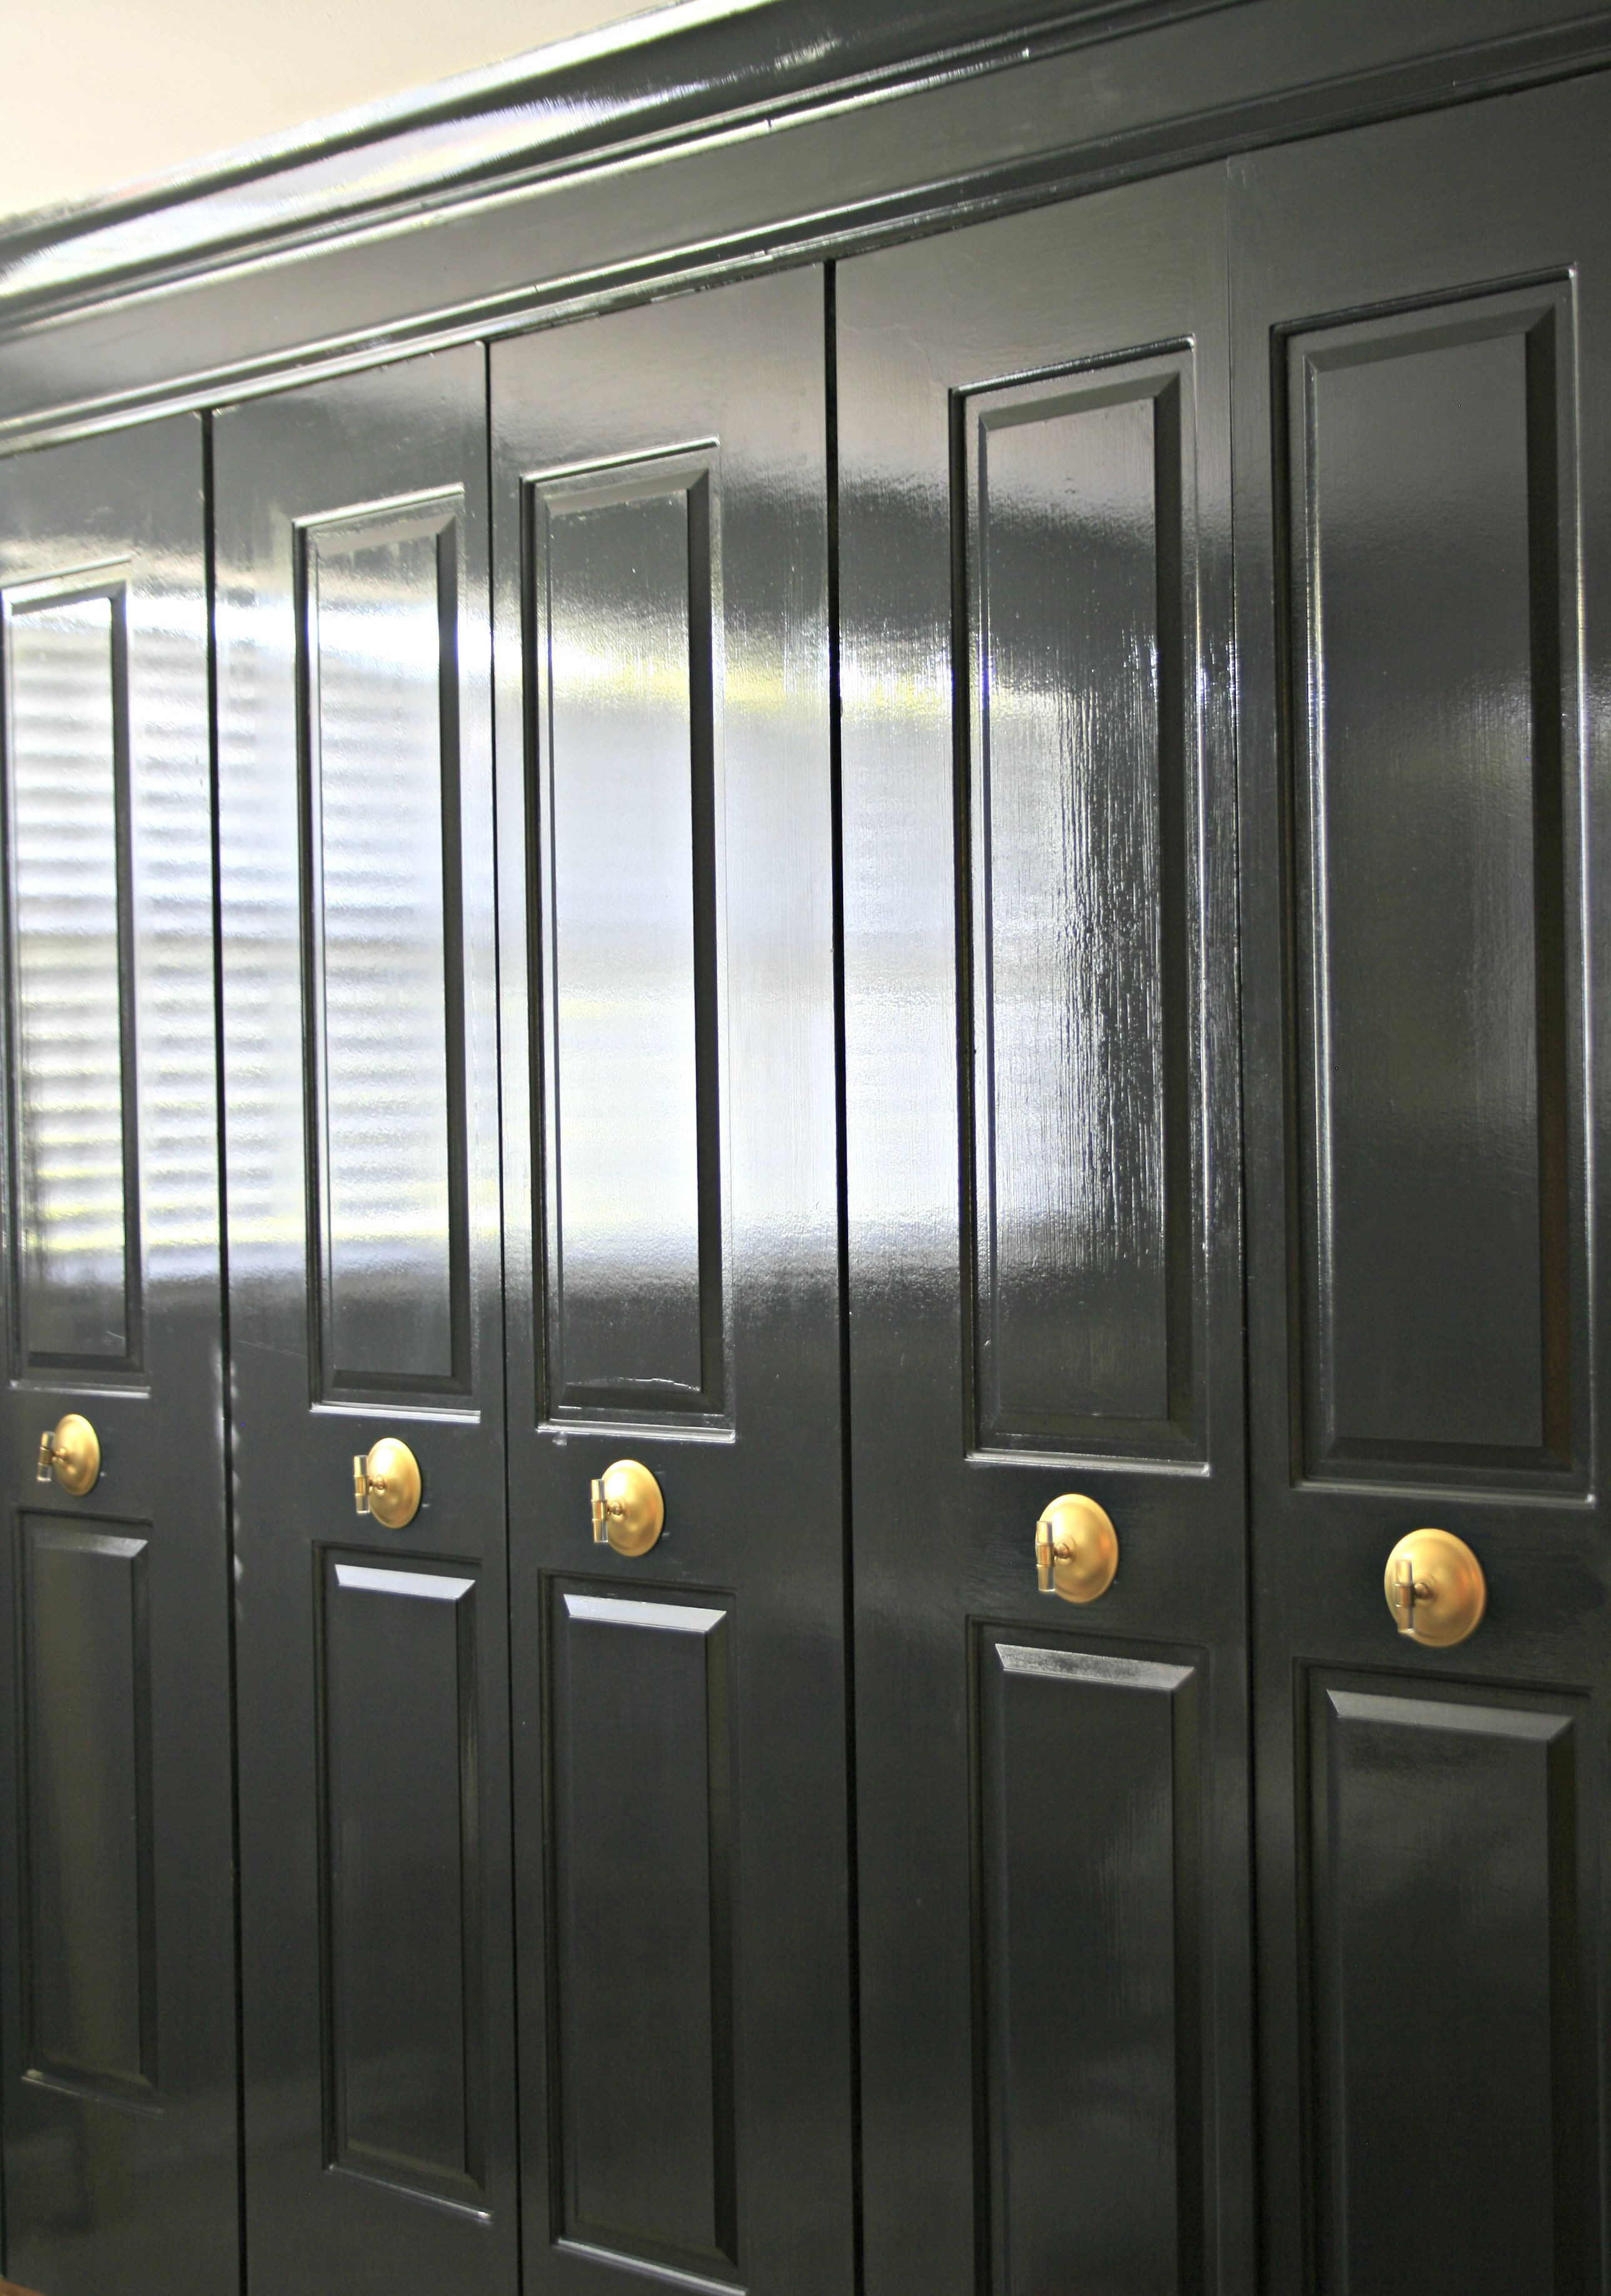 closet door pulls and knobs photo - 13